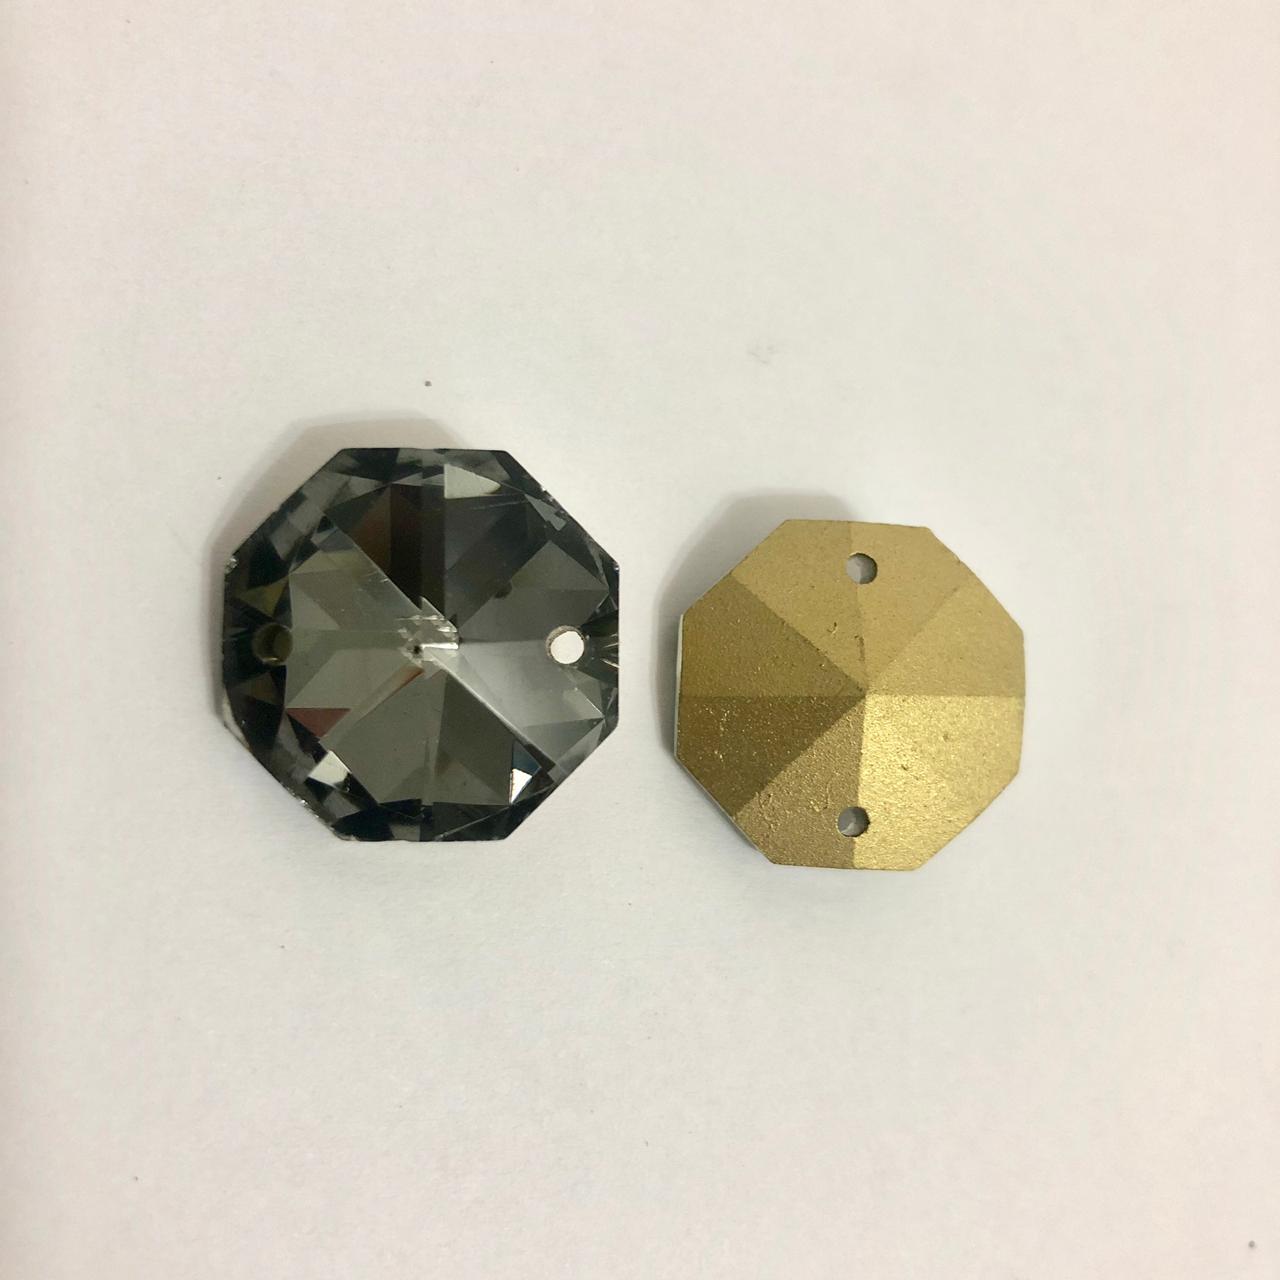 Castanha de Cristal  Lapidado Pingente 2 furos (20mm)